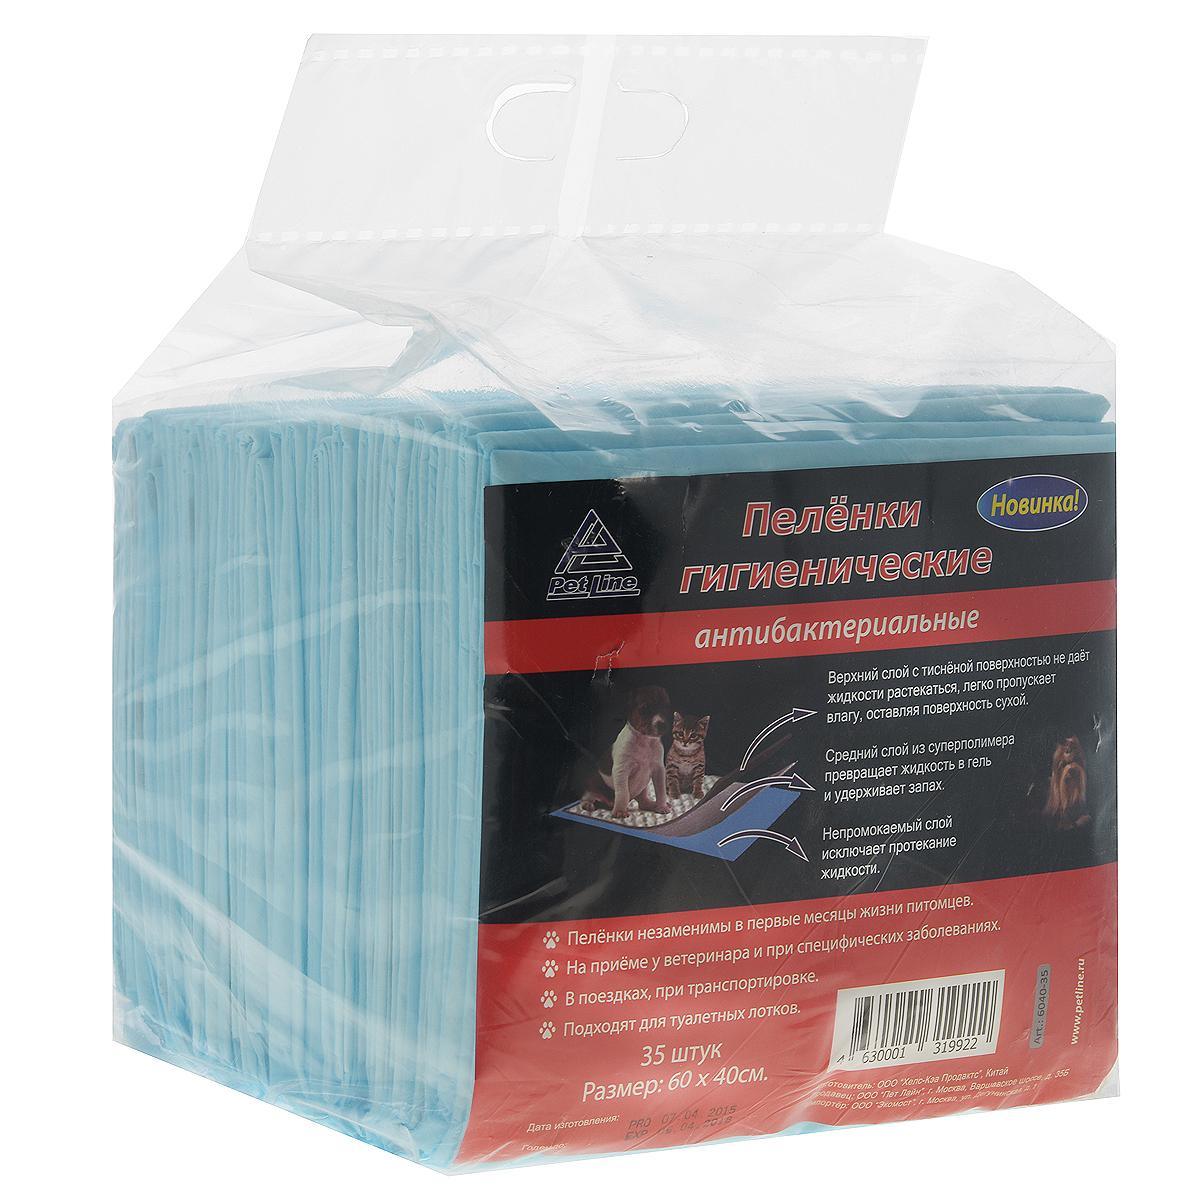 Пеленка для домашних животных Pet Line, антибактериальная, 60 см х 40 см, 35 шт пелигрин пеленки впитывающие classic 60 см х 40 см 30 шт